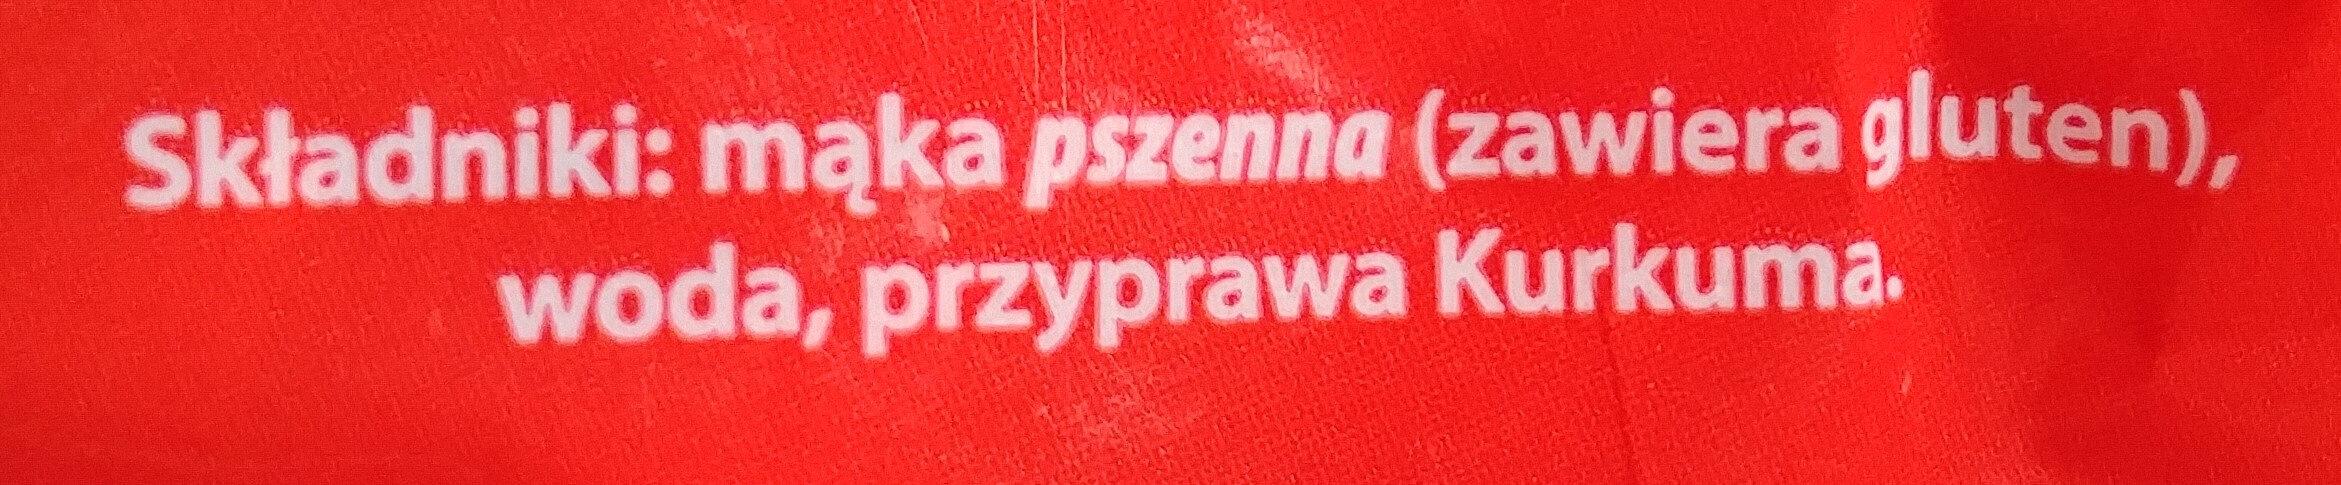 Makaron Nadarzyński rurka - Składniki